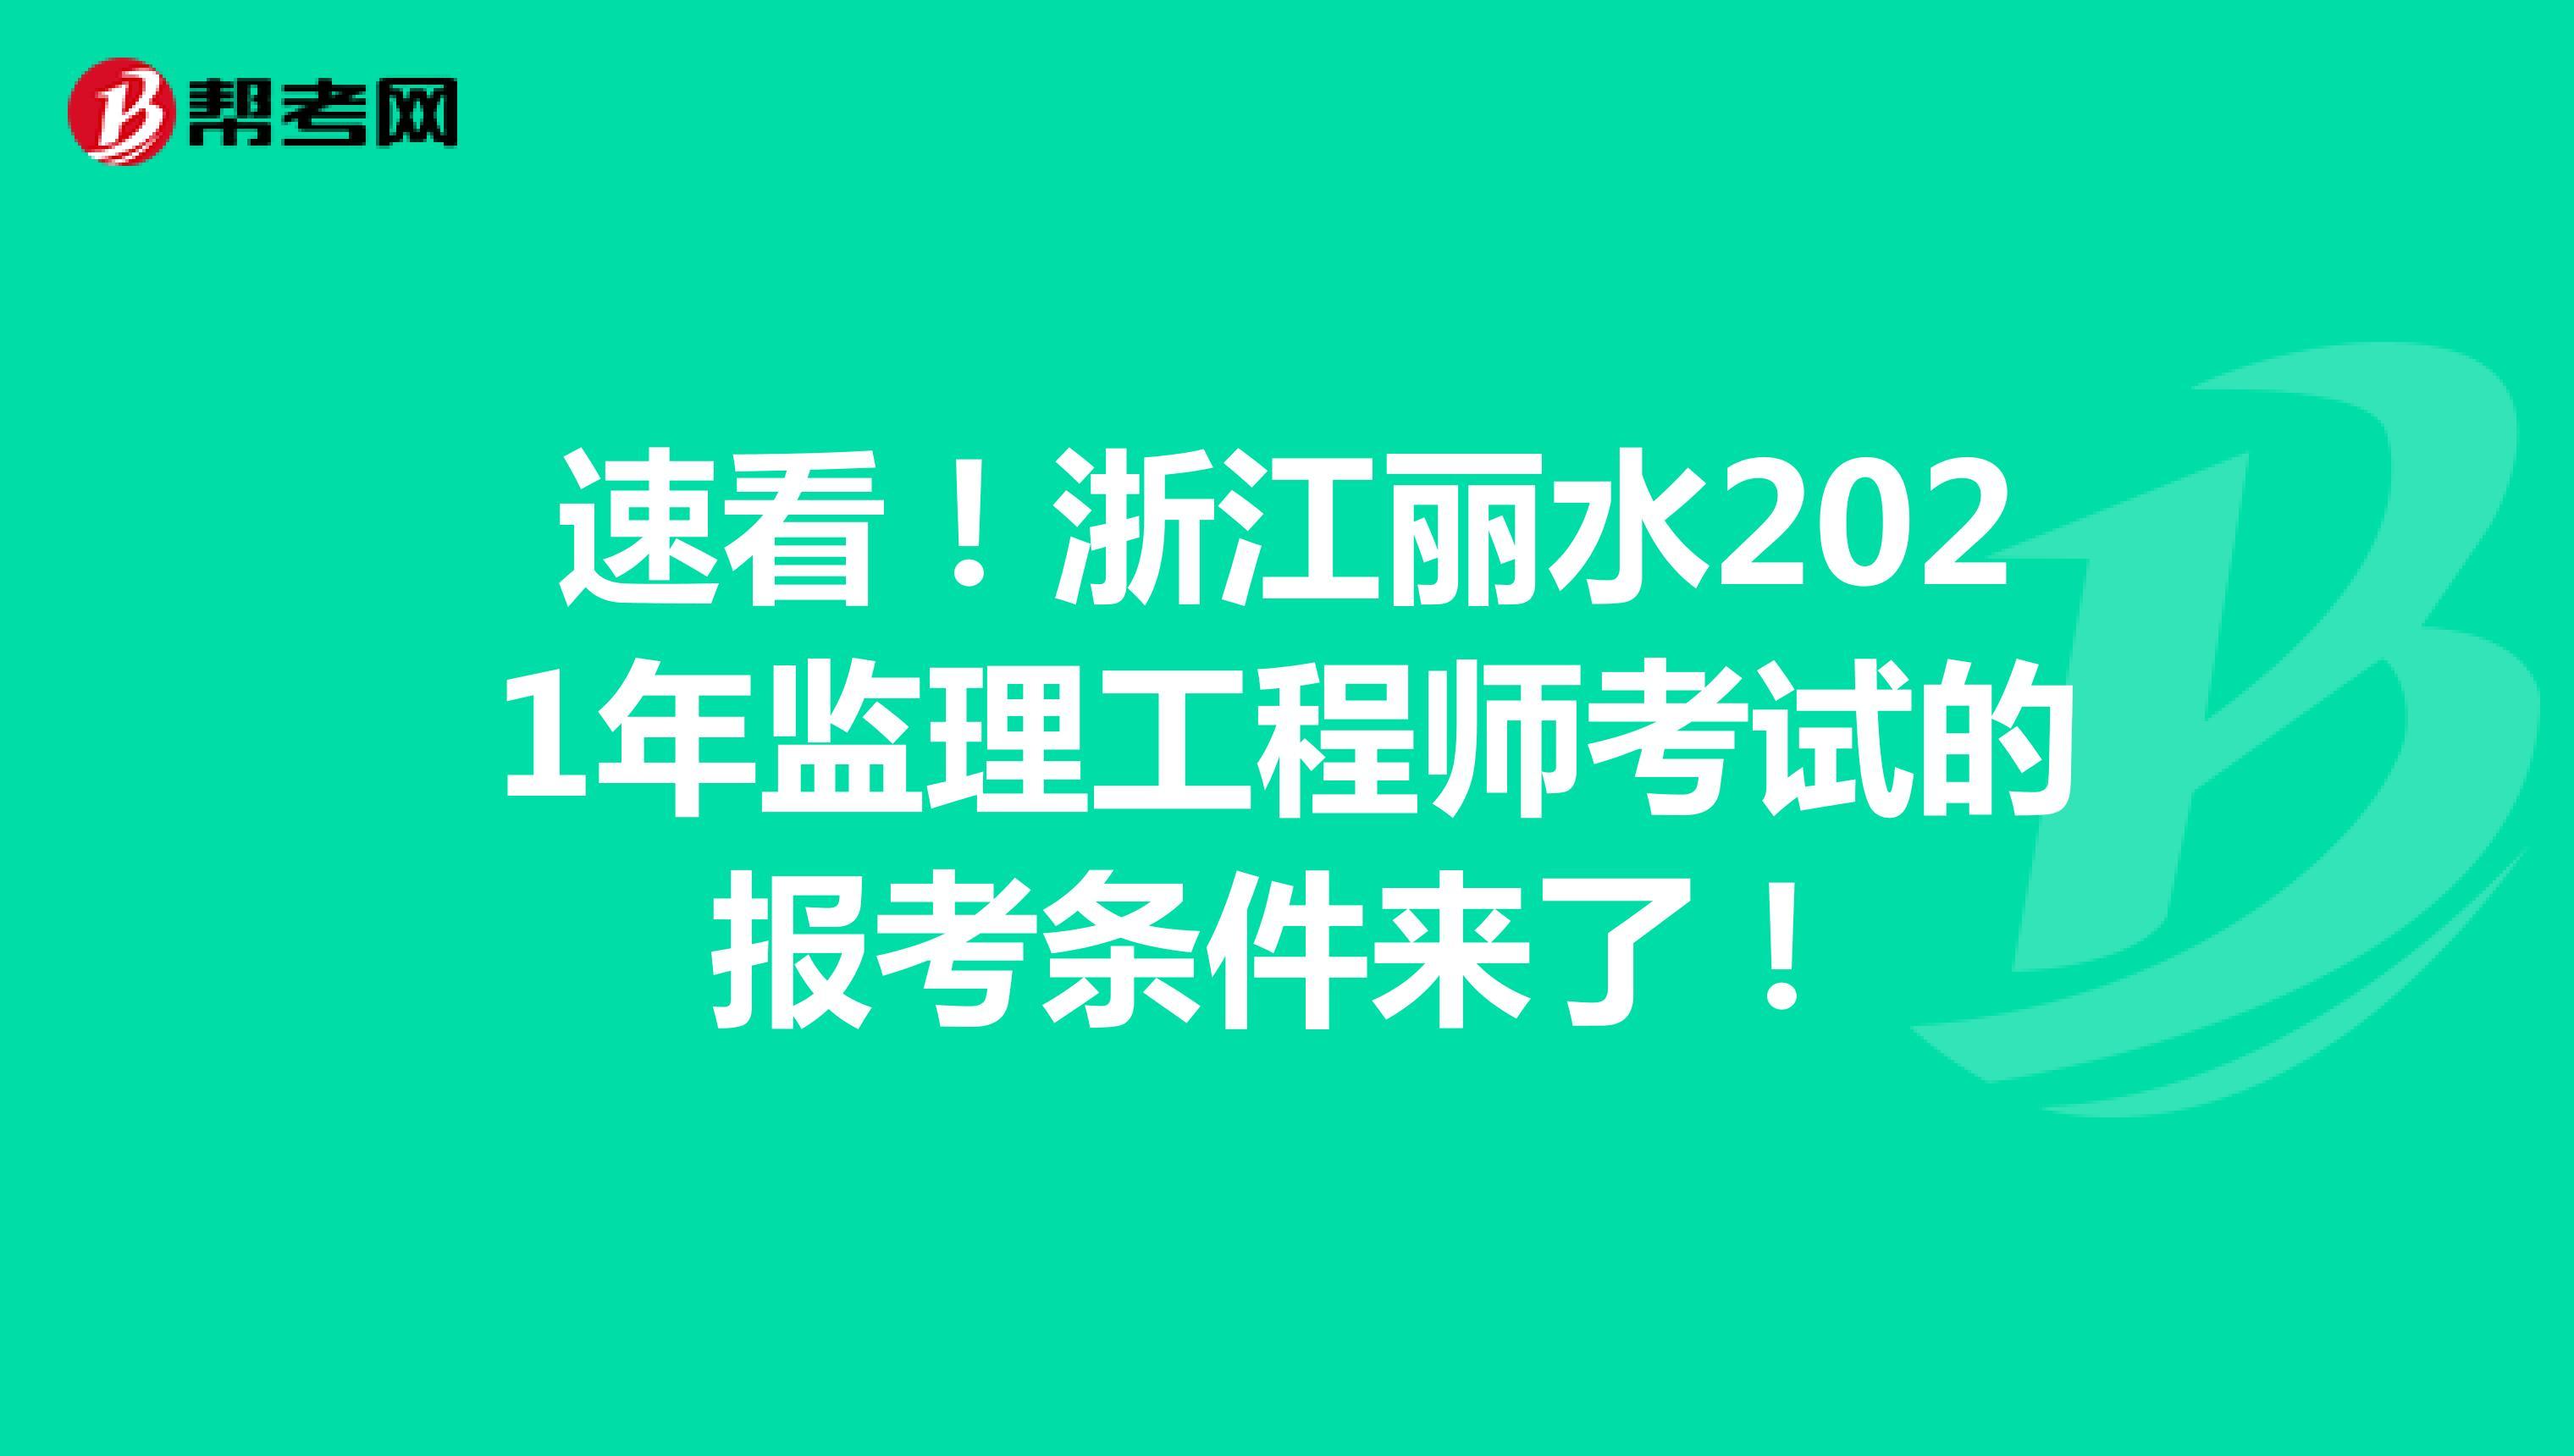 速看!浙江麗水2021年監理工程師考試的報考條件來了!